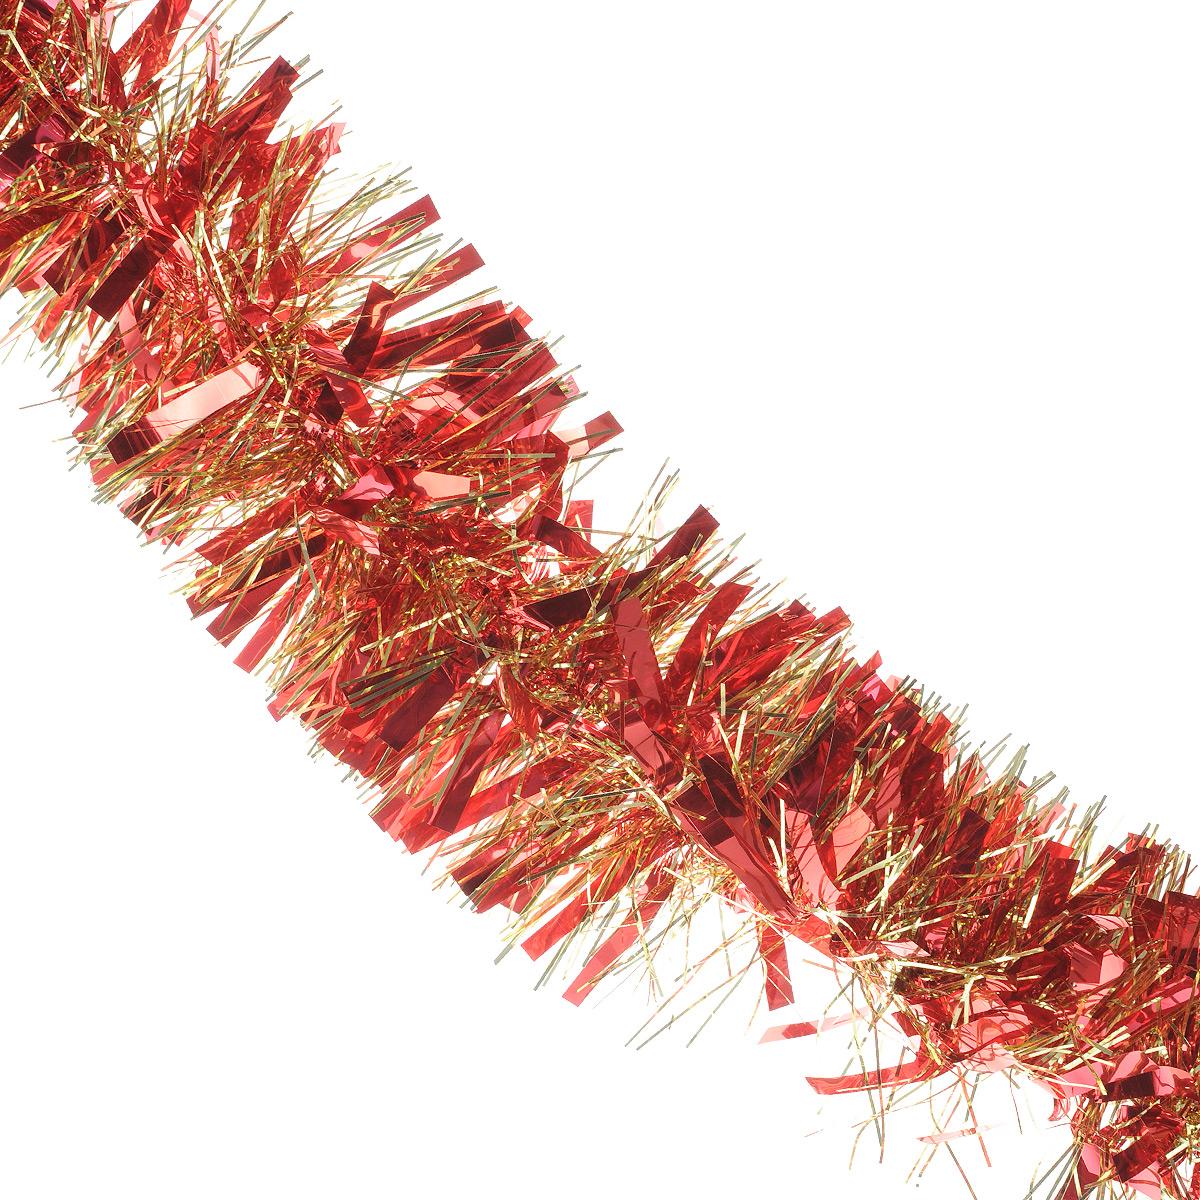 Мишура новогодняя Sima-land, цвет: красный, золотистый, диаметр 9 см, длина 200 см. 702581702581Мишура новогодняя Sima-land, выполненная из фольги, поможет вам украсить свой дом к предстоящим праздникам. Мишура армирована, то есть имеет проволоку внутри и способна сохранять приданную ей форму.Новогодней мишурой можно украсить все, что угодно - елку, квартиру, дачу, офис - как внутри, так и снаружи. Можно сложить новогодние поздравления, буквы и цифры, мишурой можно украсить и дополнить гирлянды, можно выделить дверные колонны, оплести дверные проемы. Коллекция декоративных украшений из серии Зимнее волшебство принесет в ваш дом ни с чем несравнимое ощущение праздника! Создайте в своем доме атмосферу тепла, веселья и радости, украшая его всей семьей.